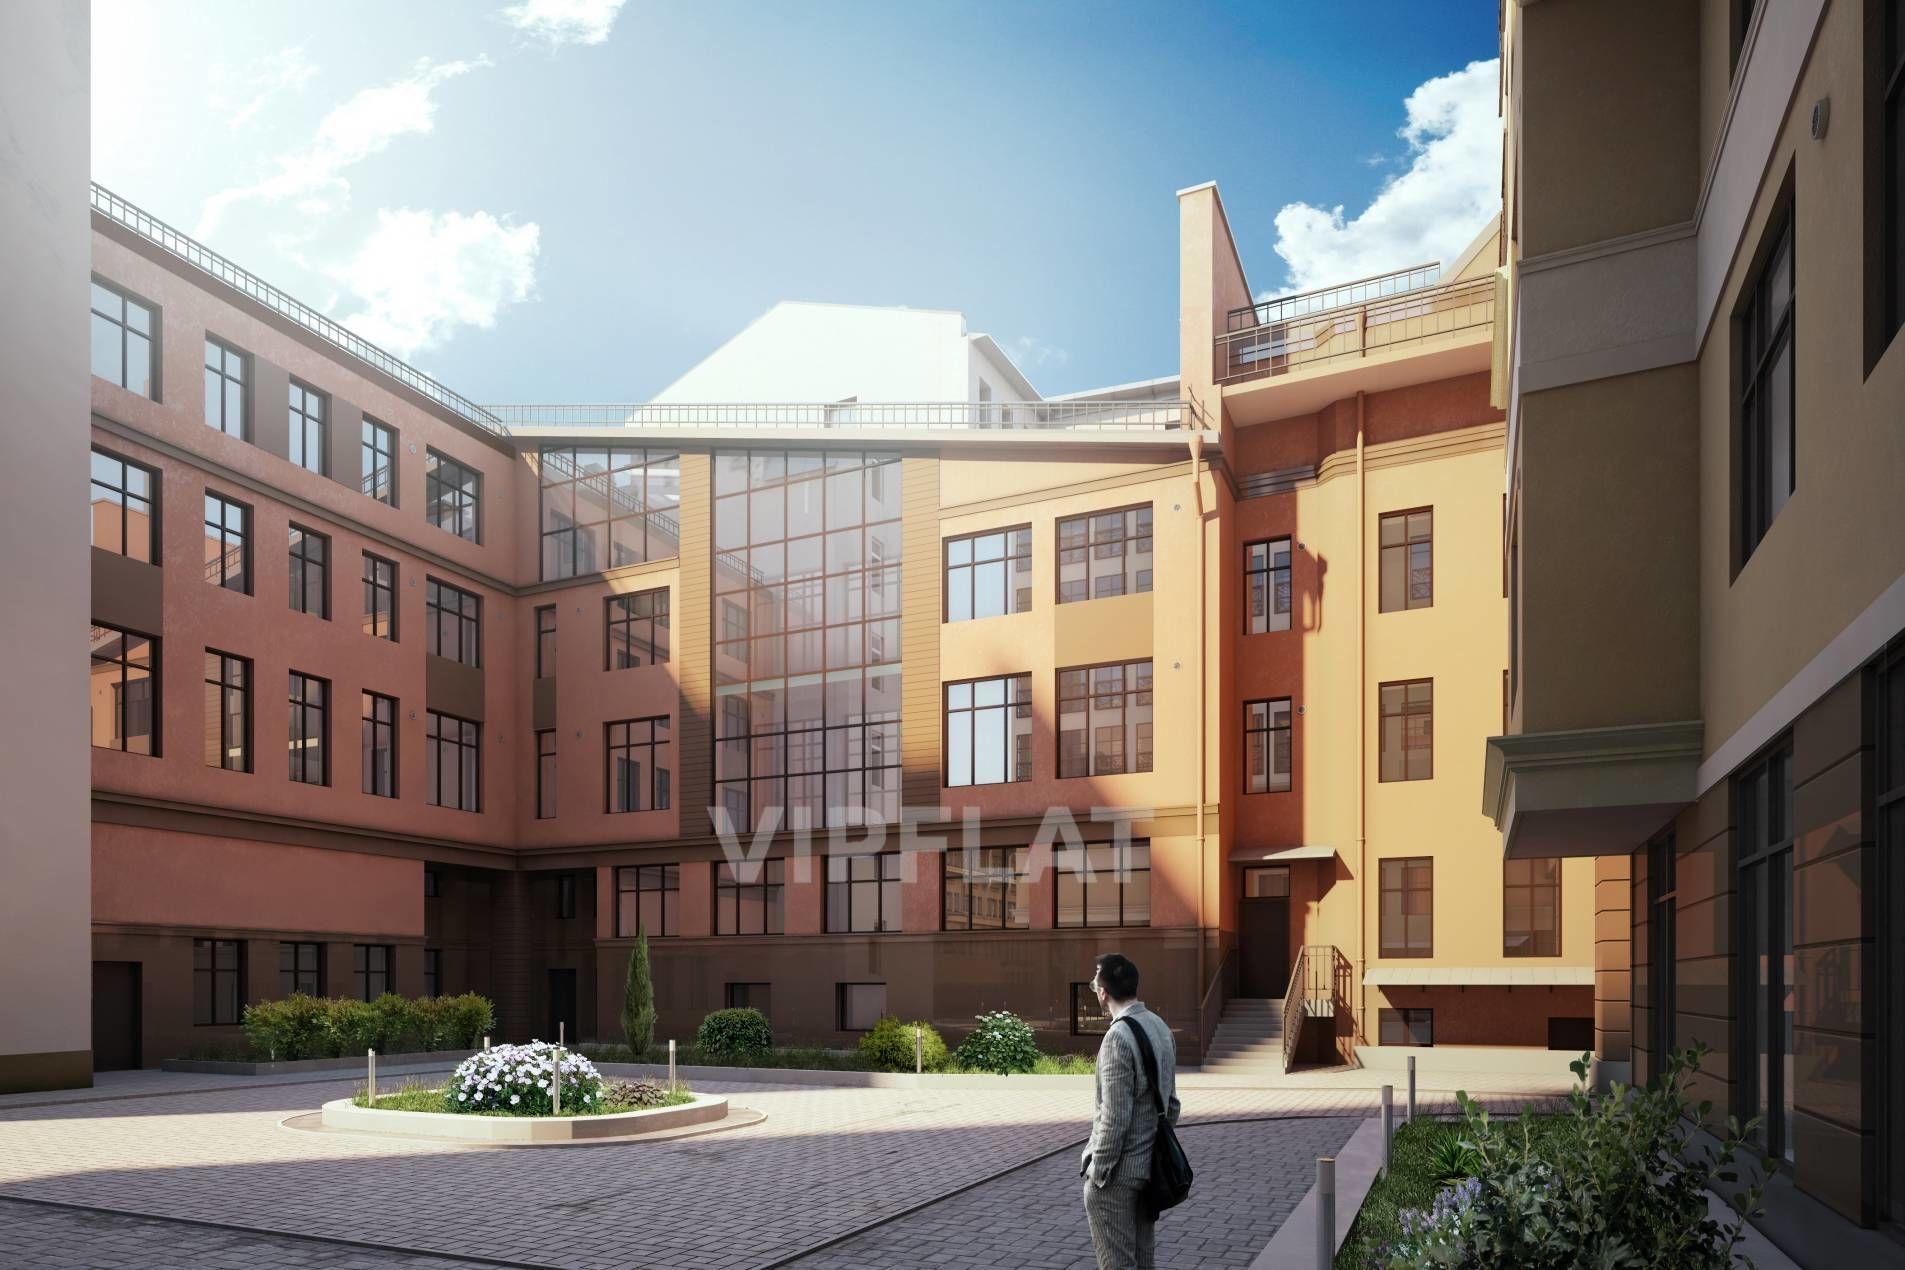 Продажа элитных квартир Санкт-Петербурга. Пионерская ул., 33 Вид на малый корпус со стороны двора